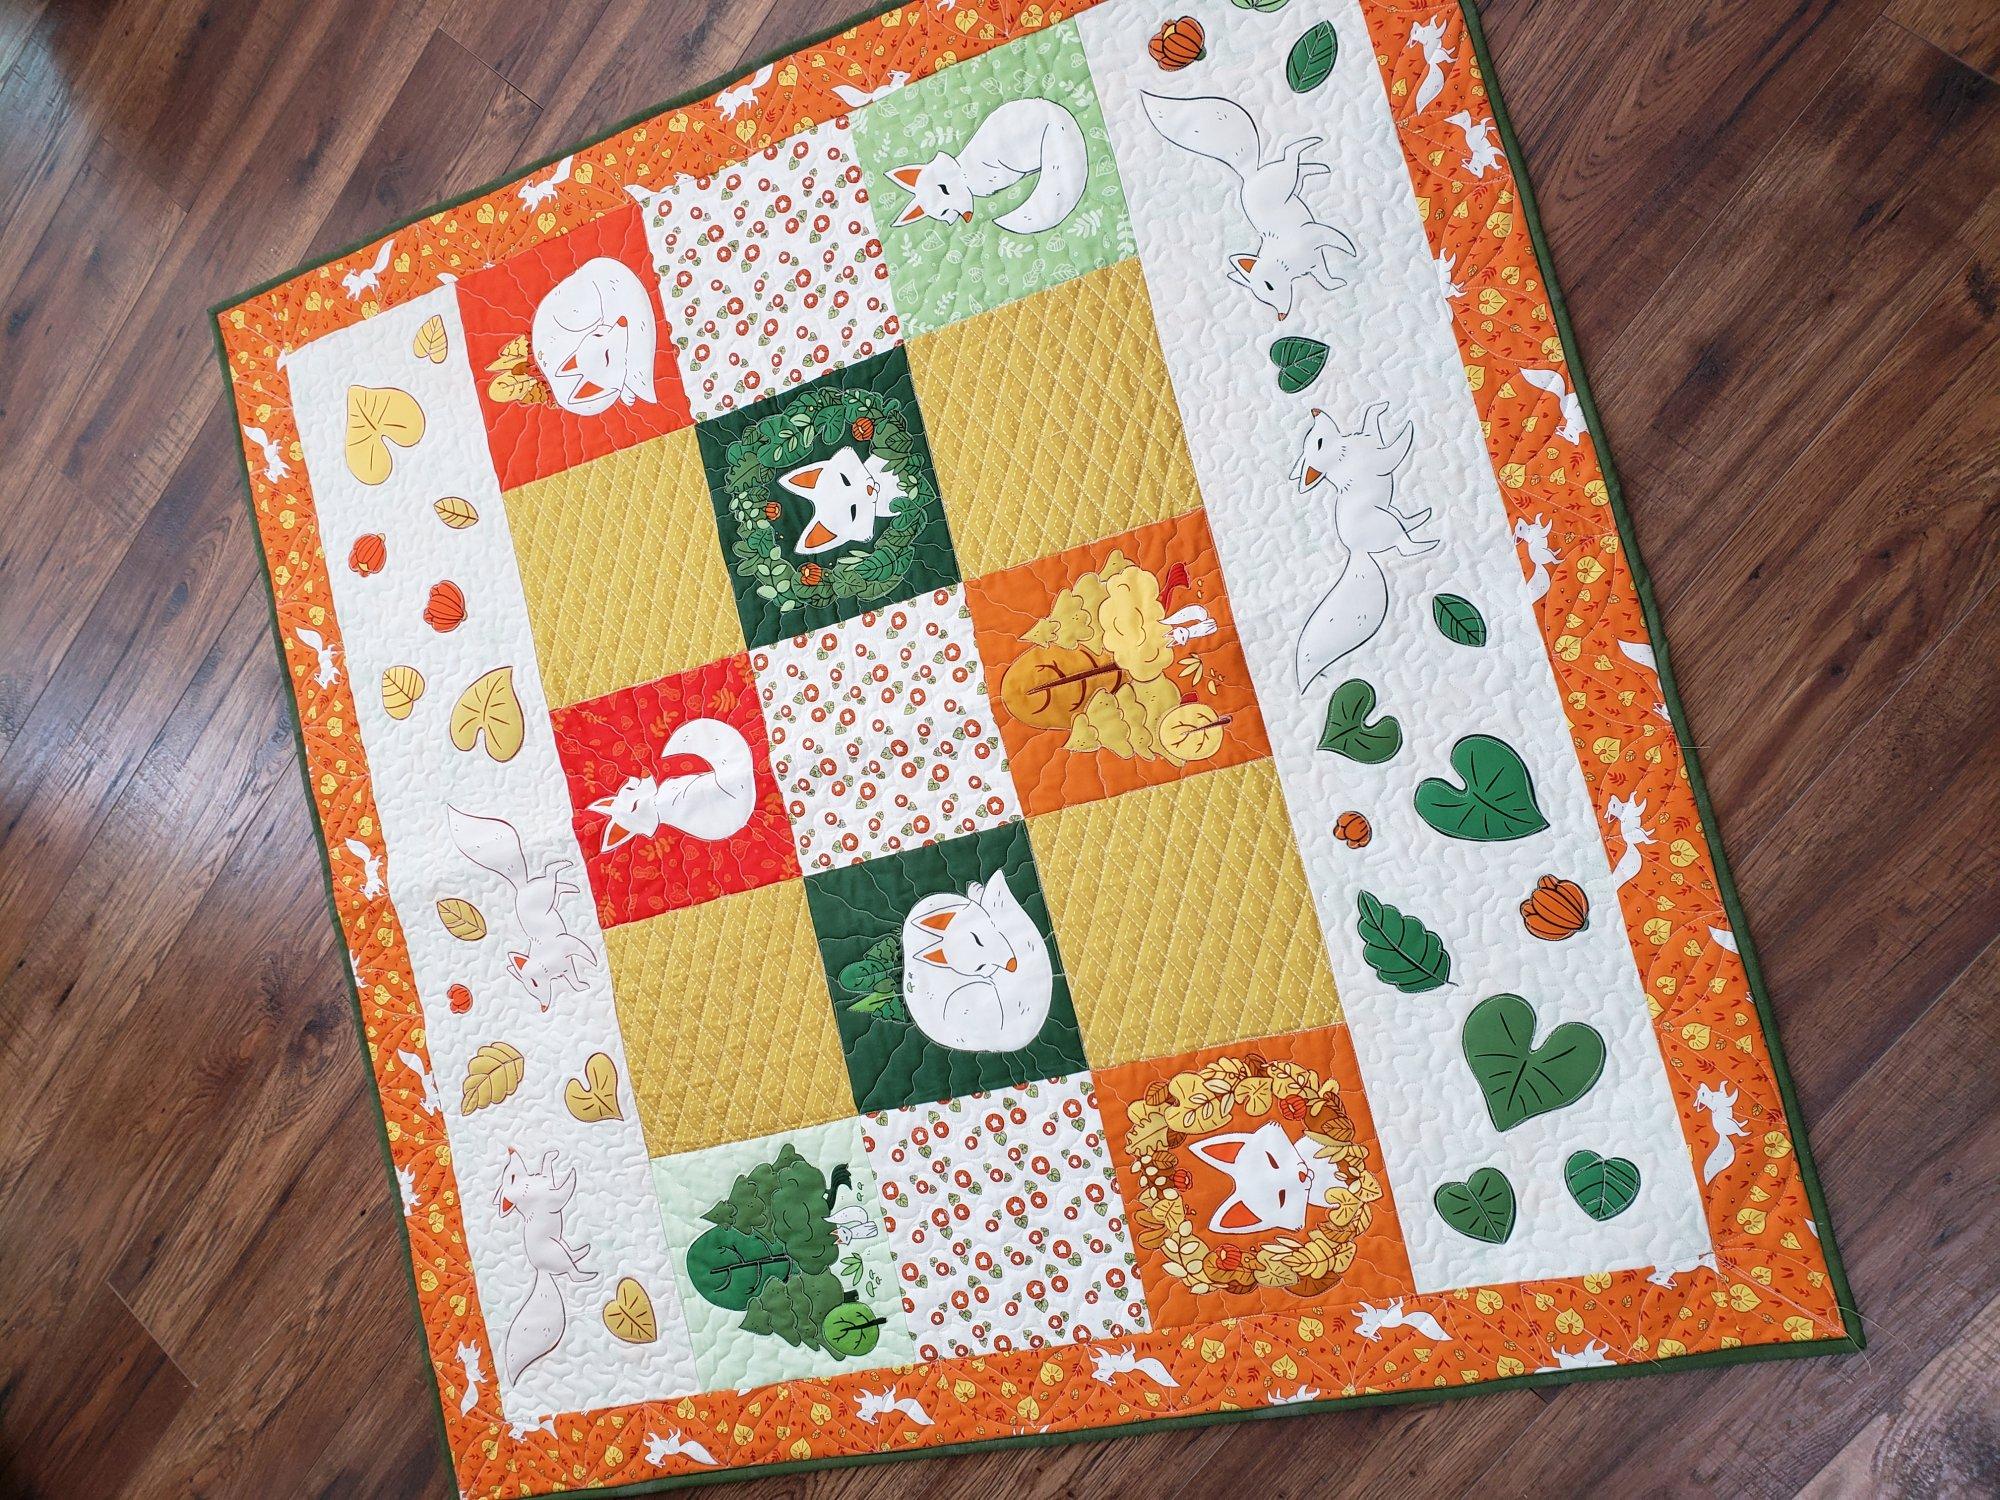 Forest Spirit Panel Quilt Kit